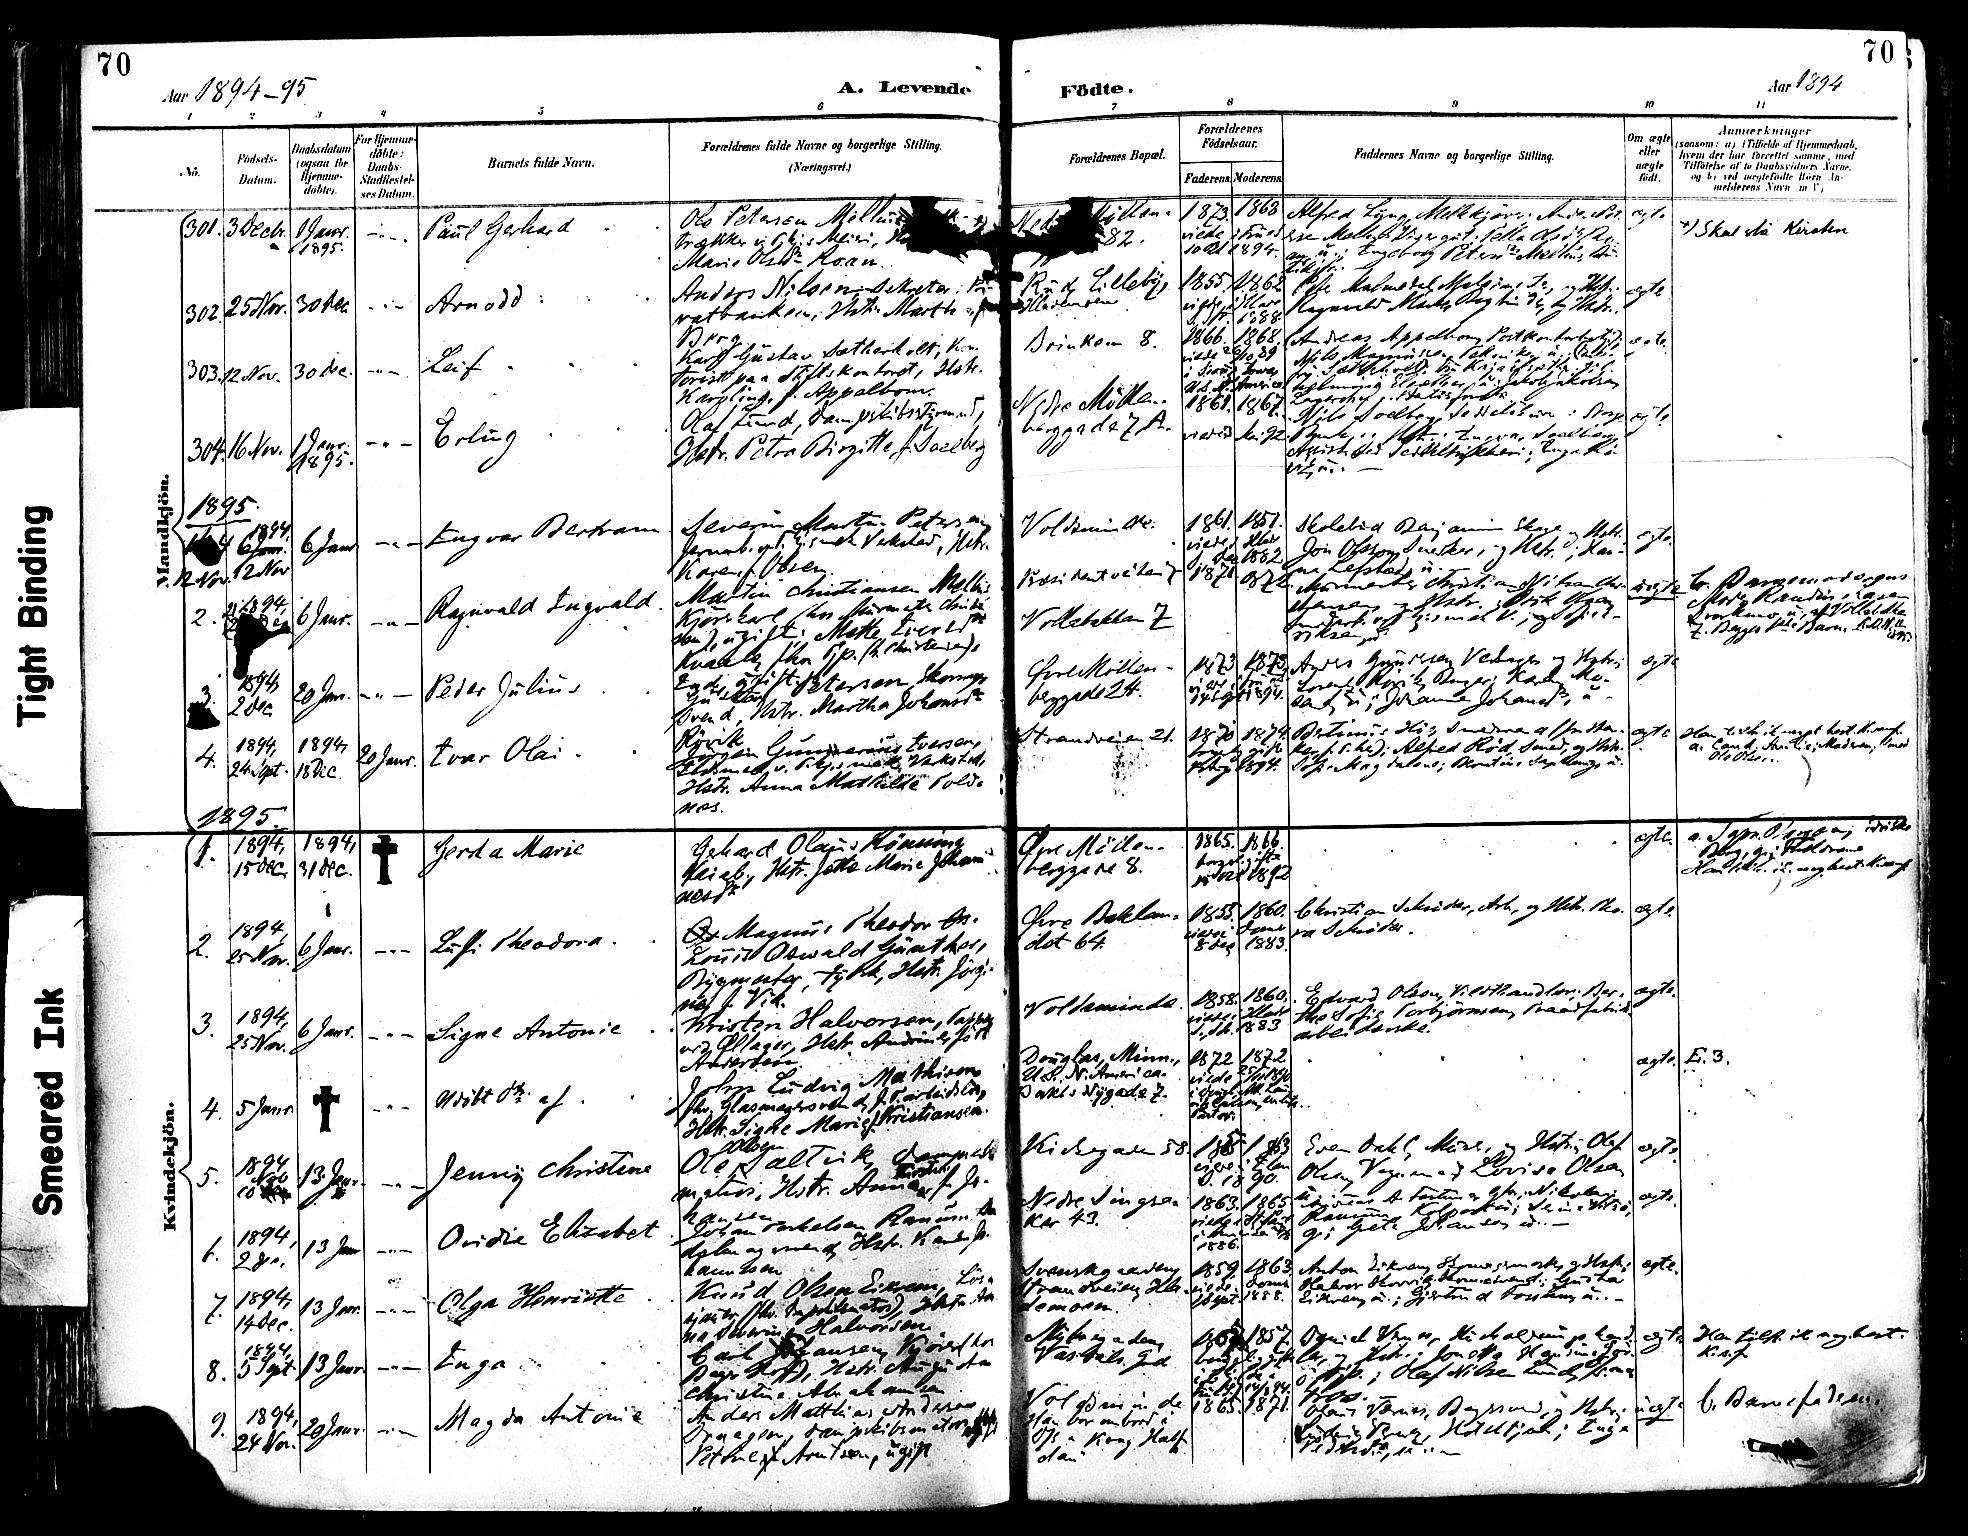 SAT, Ministerialprotokoller, klokkerbøker og fødselsregistre - Sør-Trøndelag, 604/L0197: Ministerialbok nr. 604A18, 1893-1900, s. 70